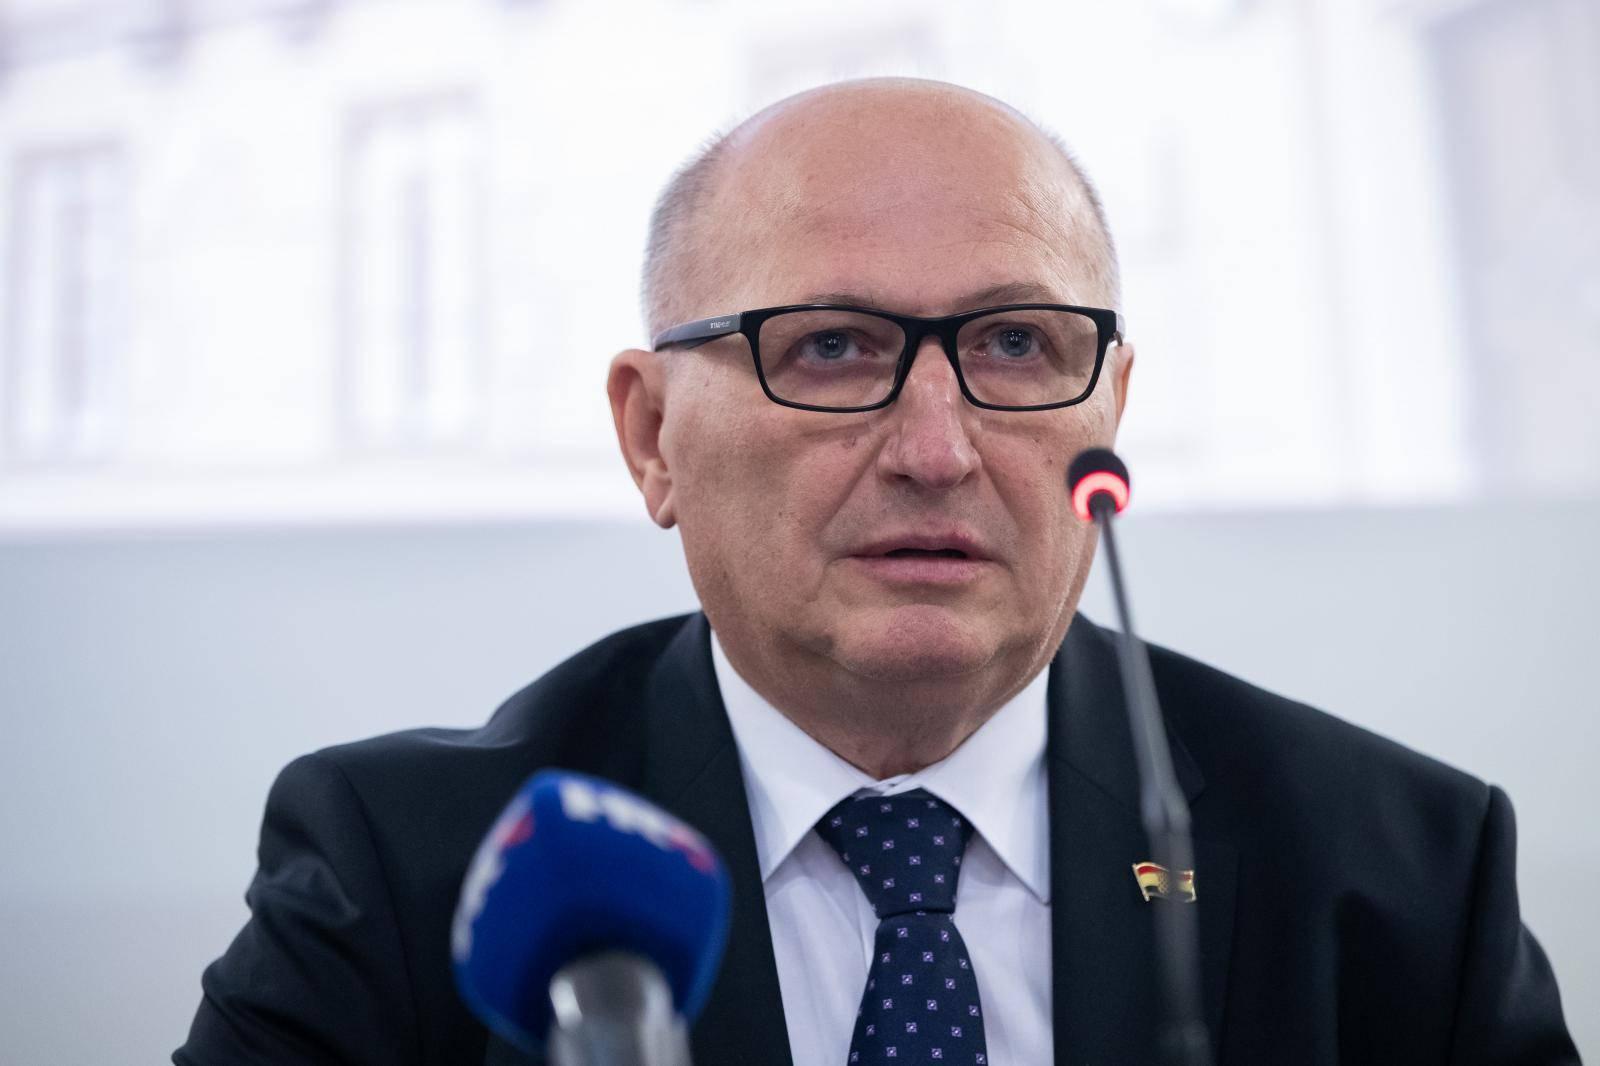 Na konferenciji za medije  predsjednik Ustavnog suda izvijestio je o nekoliko novijih odluka